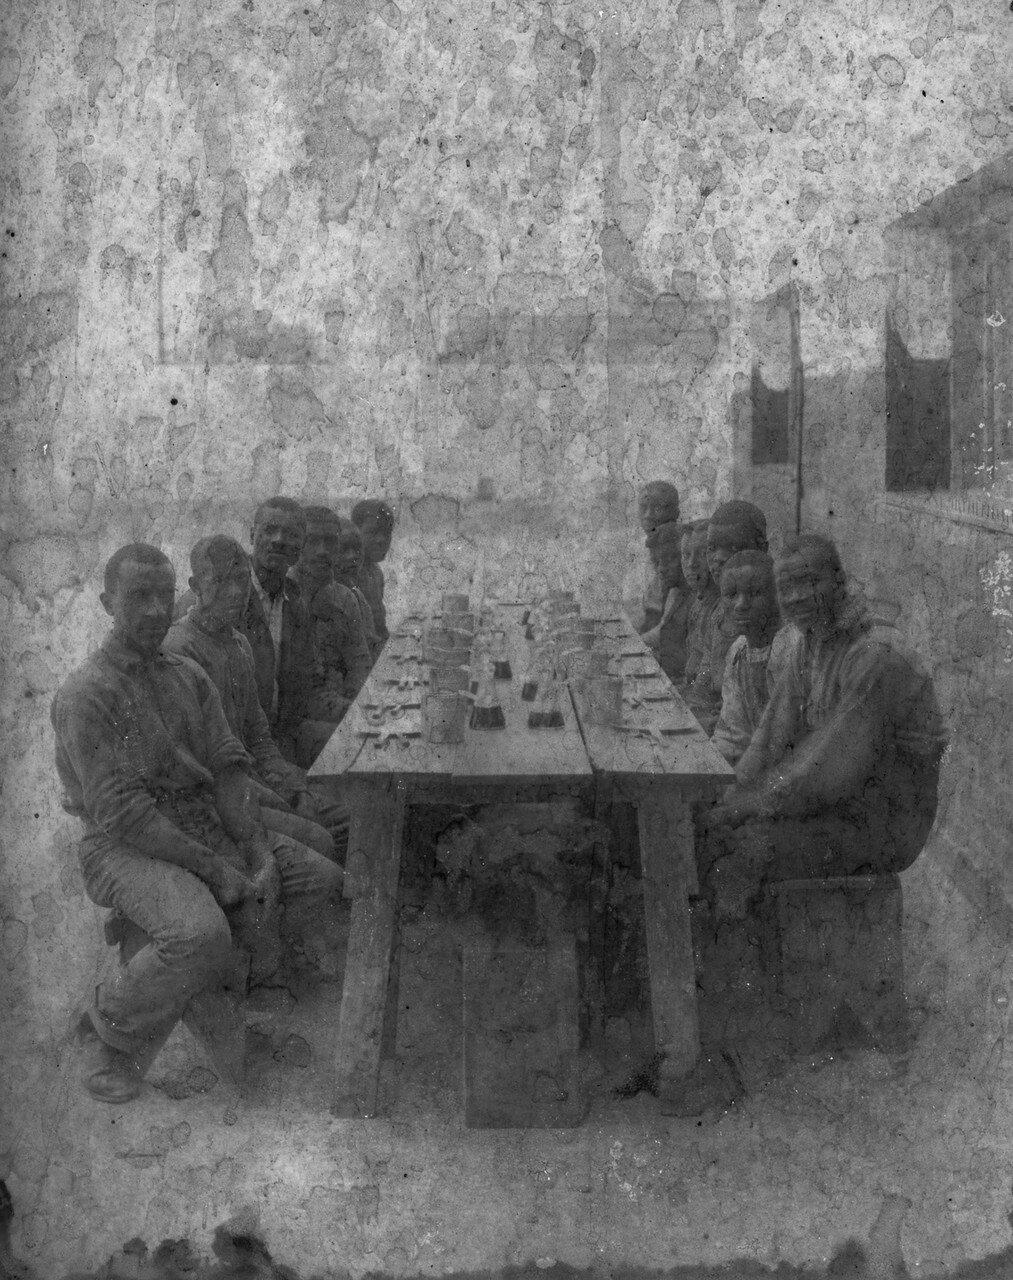 1900. Заключенные окружной тюрьмы в Новом Орлеане